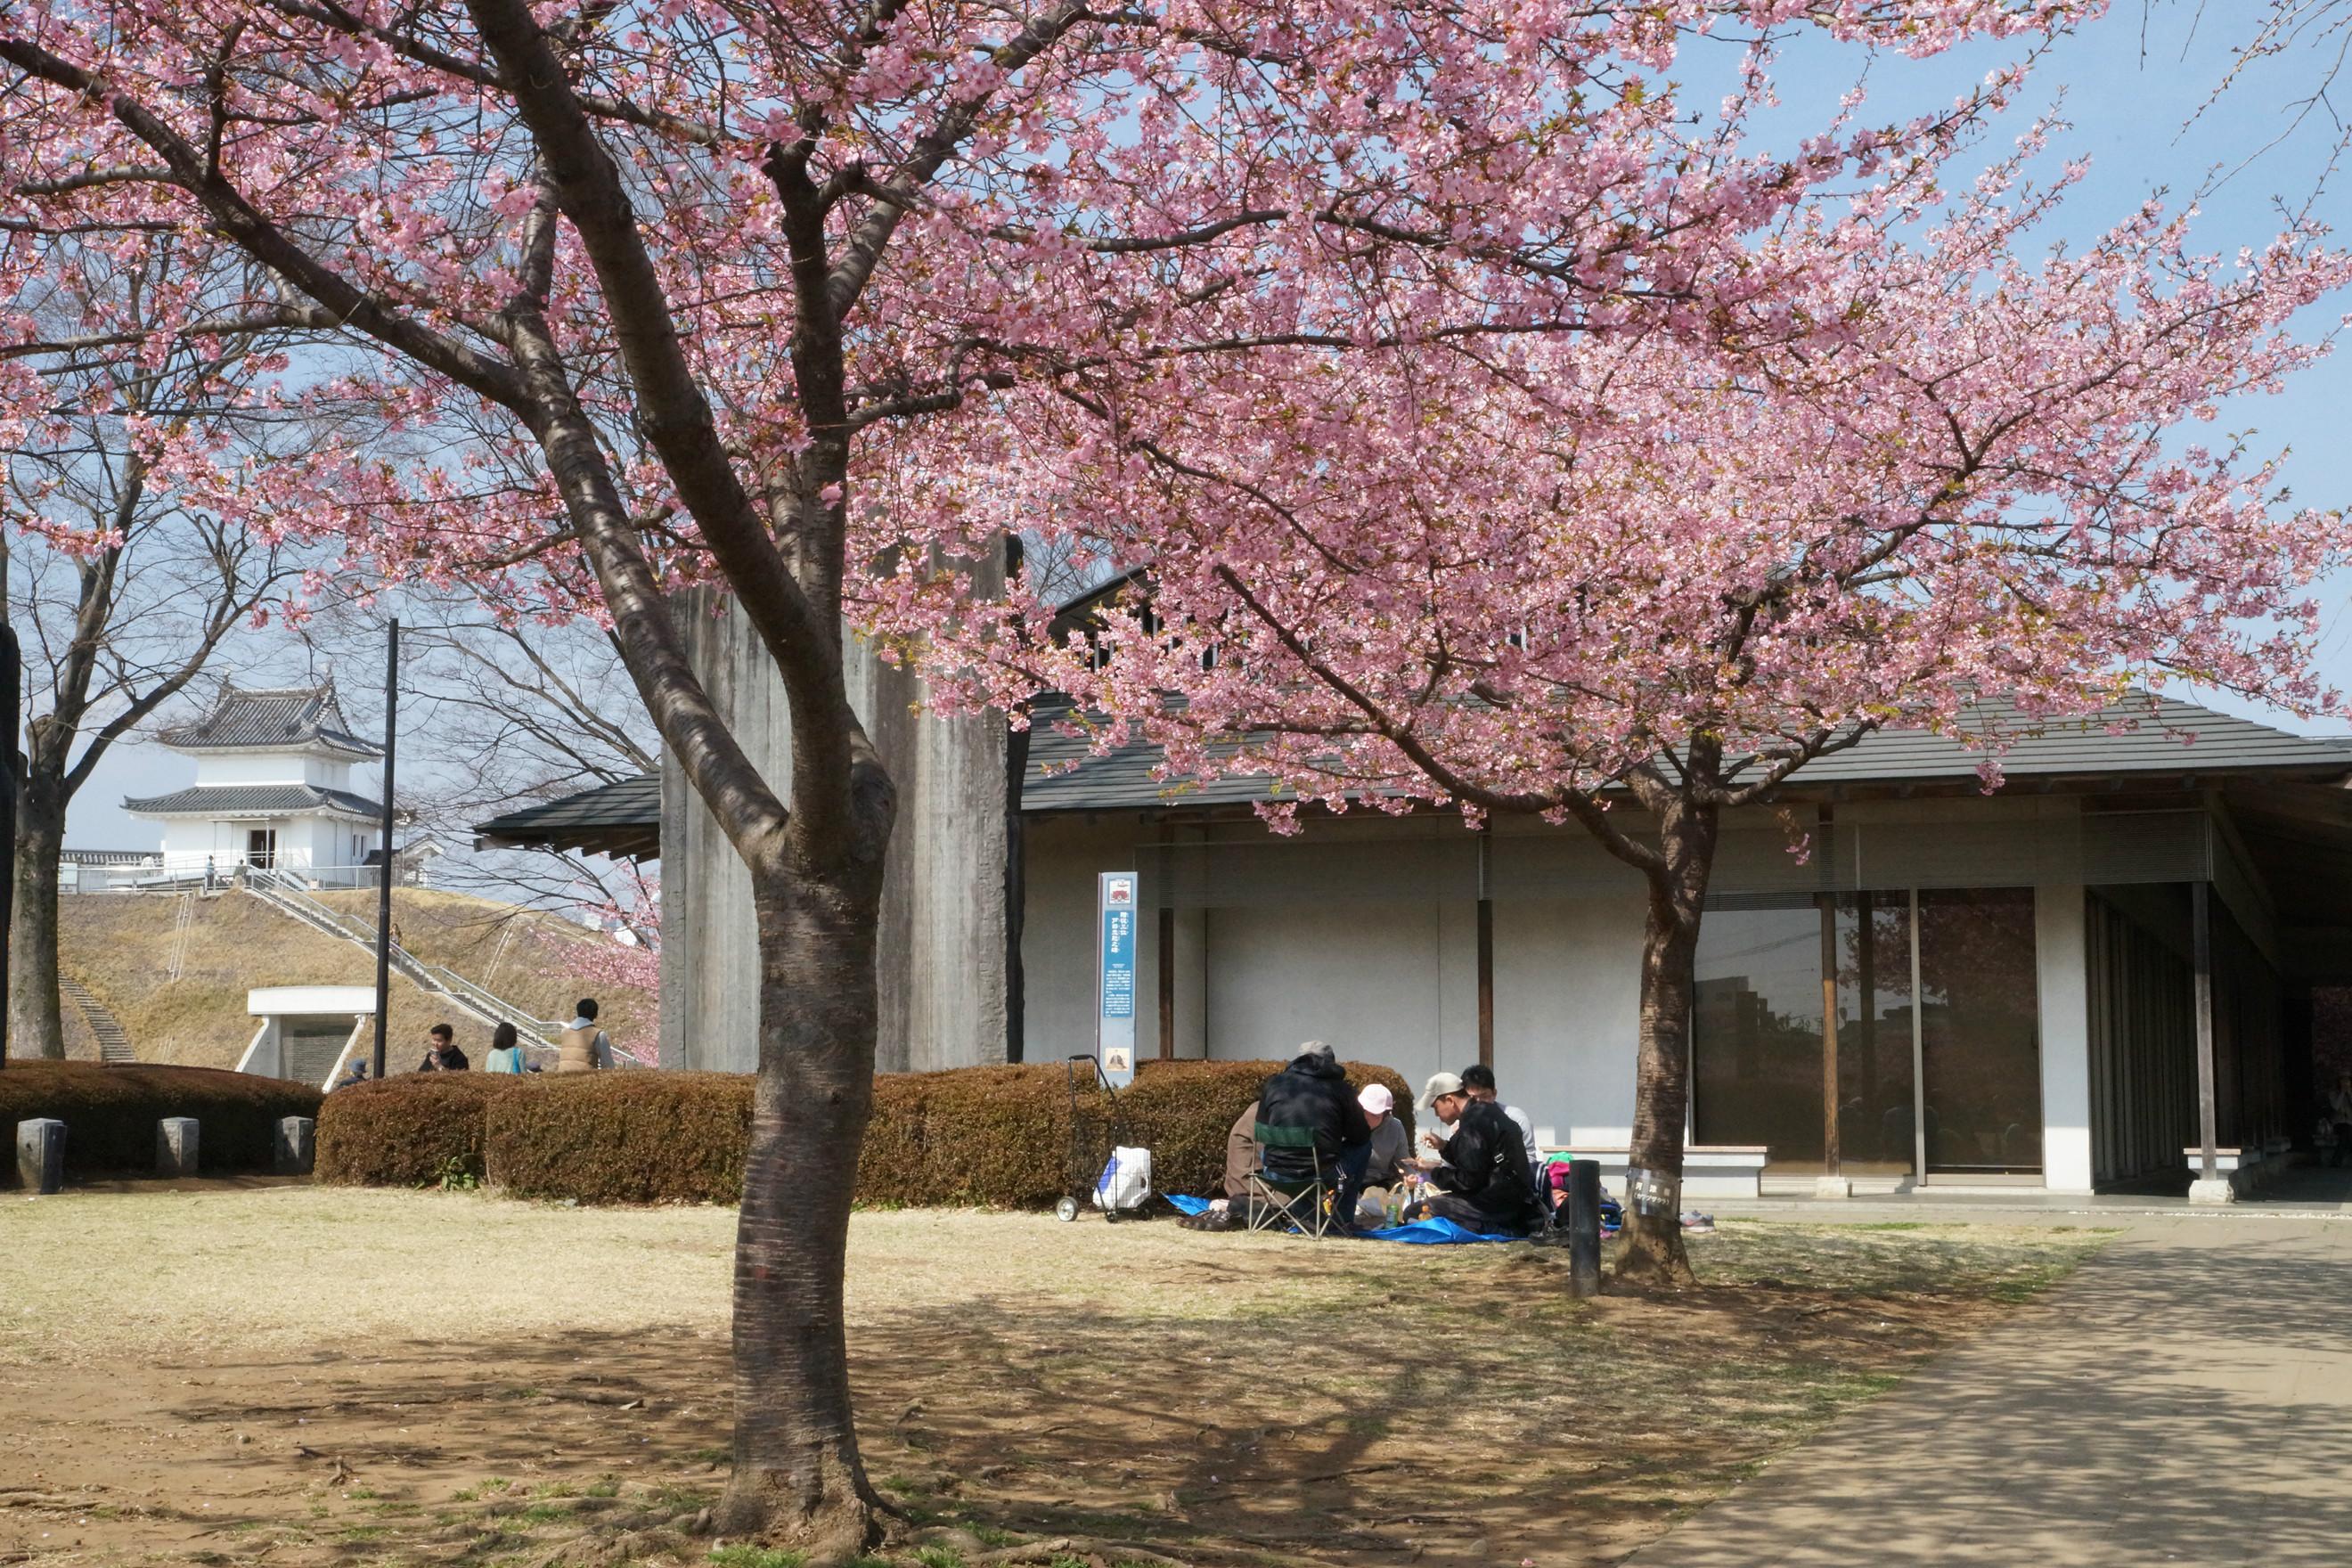 宇都宮城址公園2018年3月18日更新